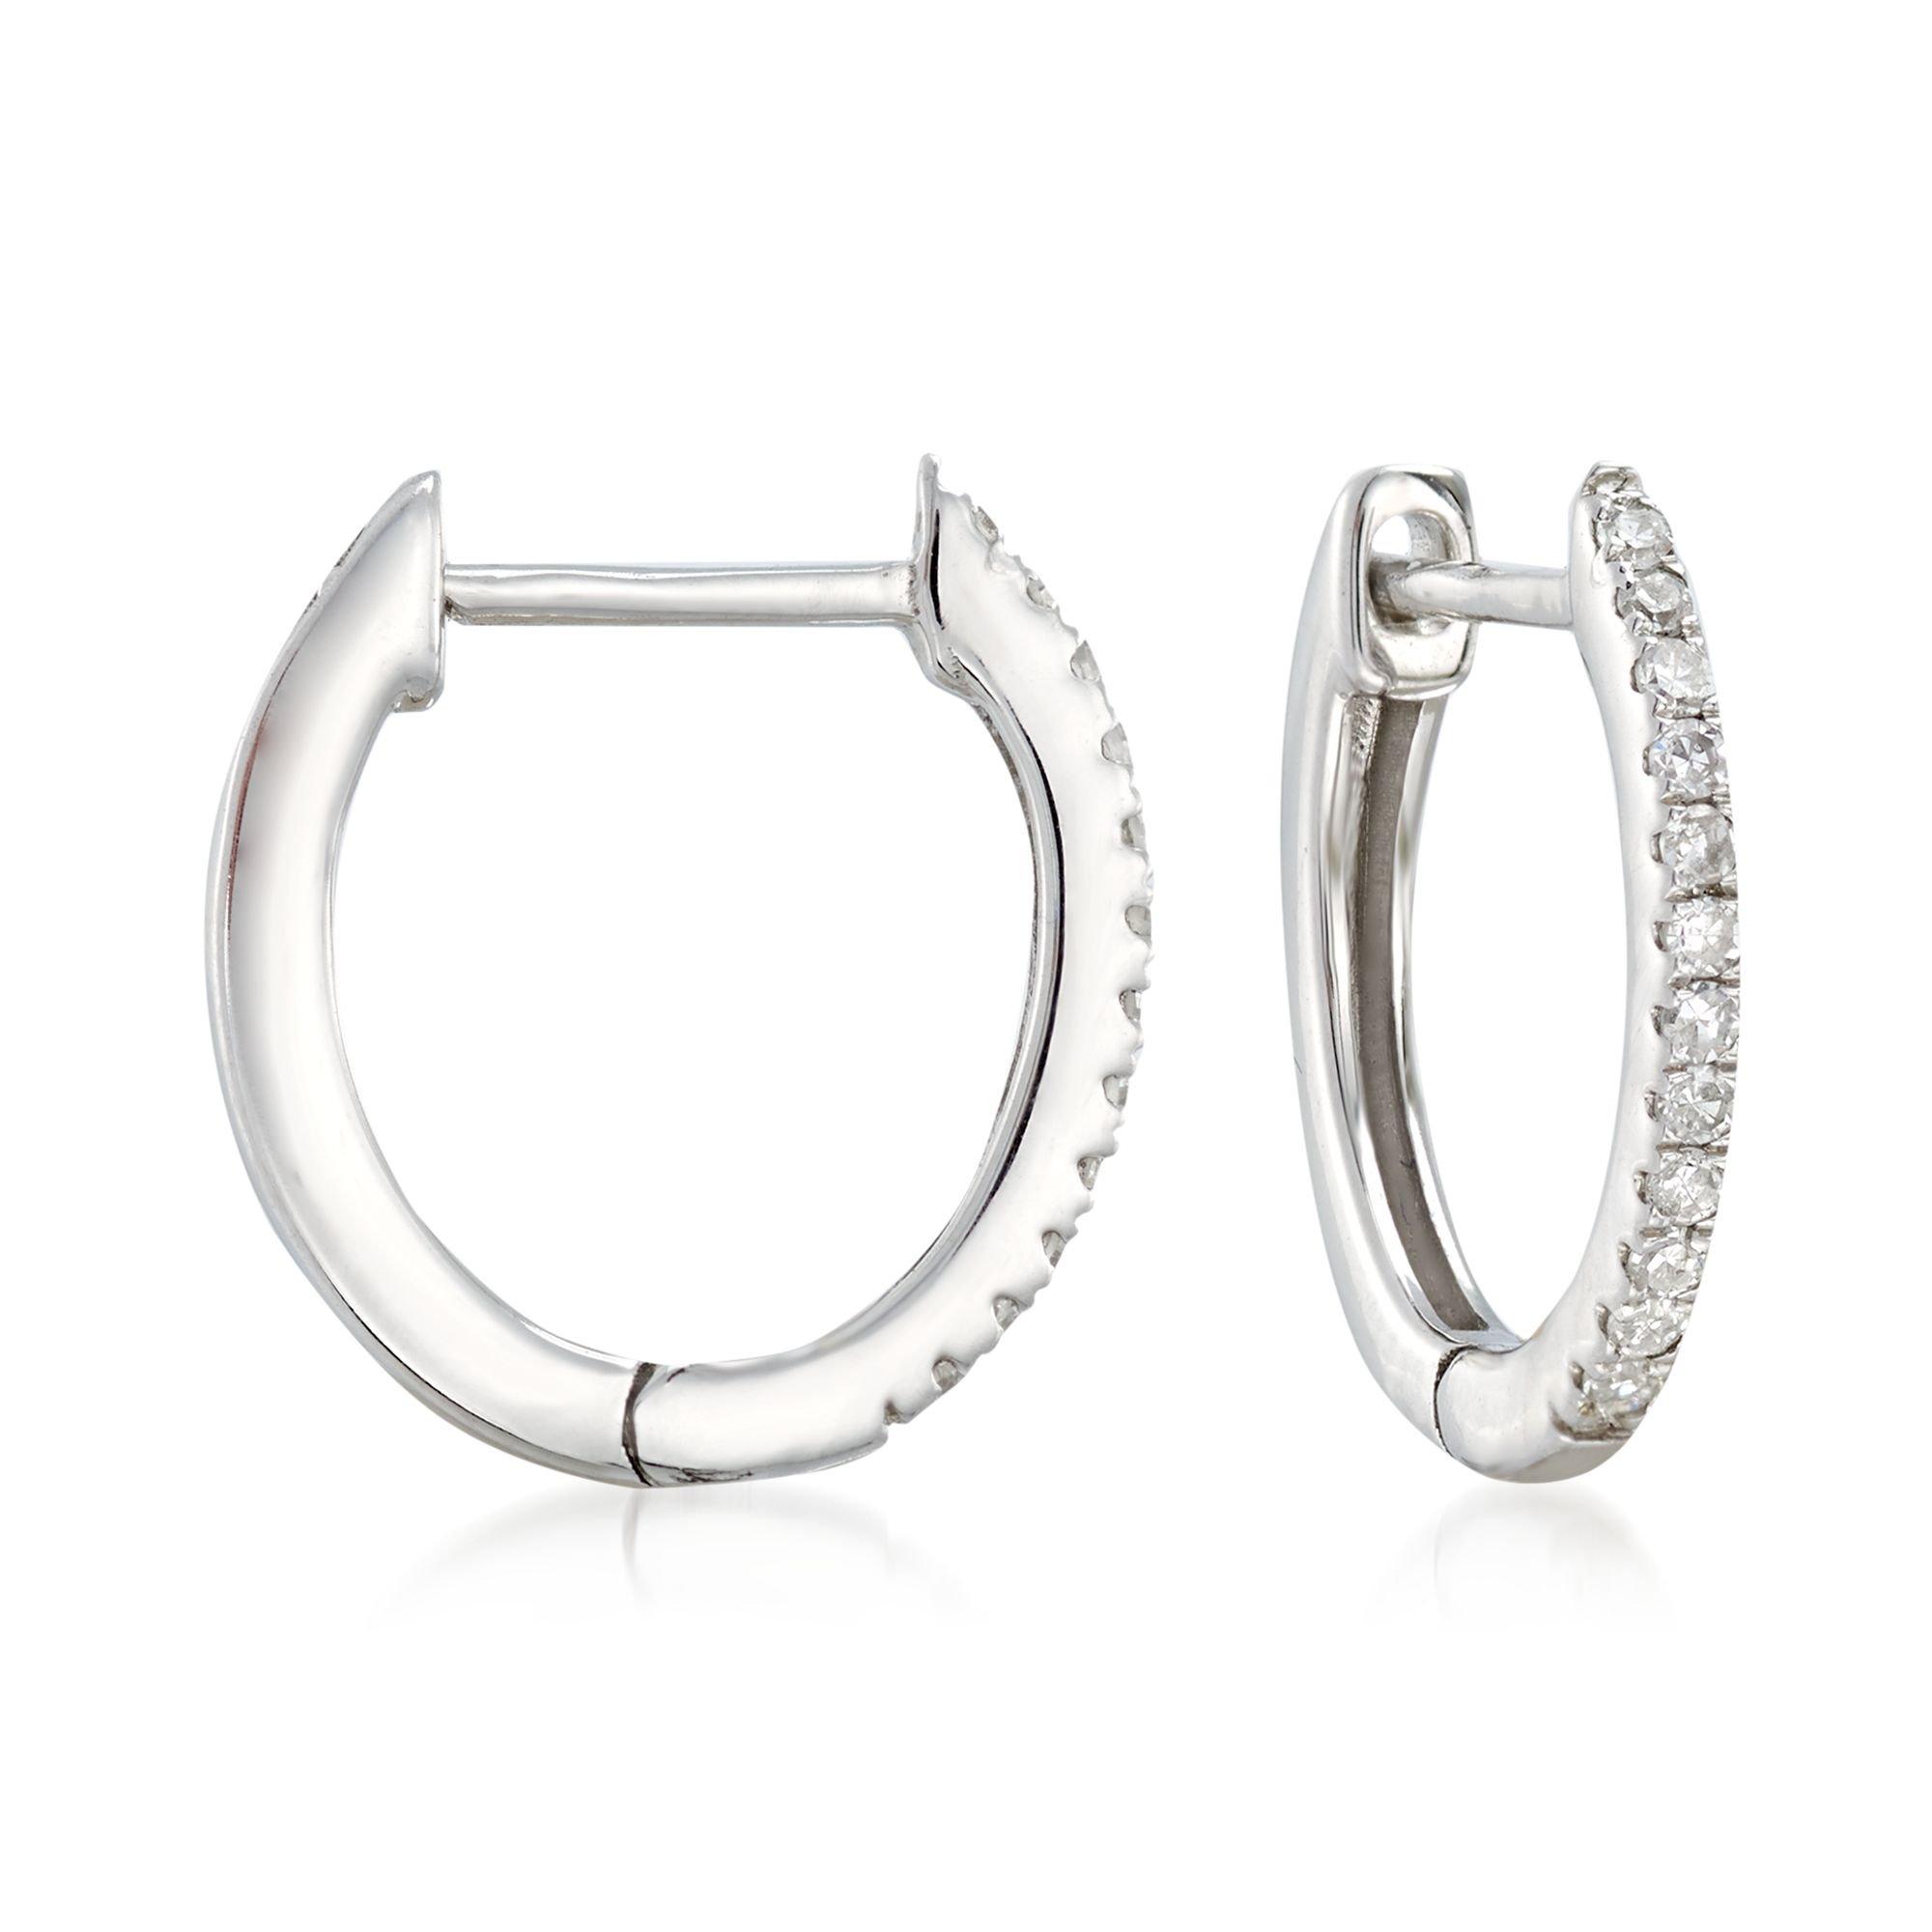 Ross-Simons 0.10 ct. t.w. Diamond Huggie Hoop Earrings in 14kt White Gold